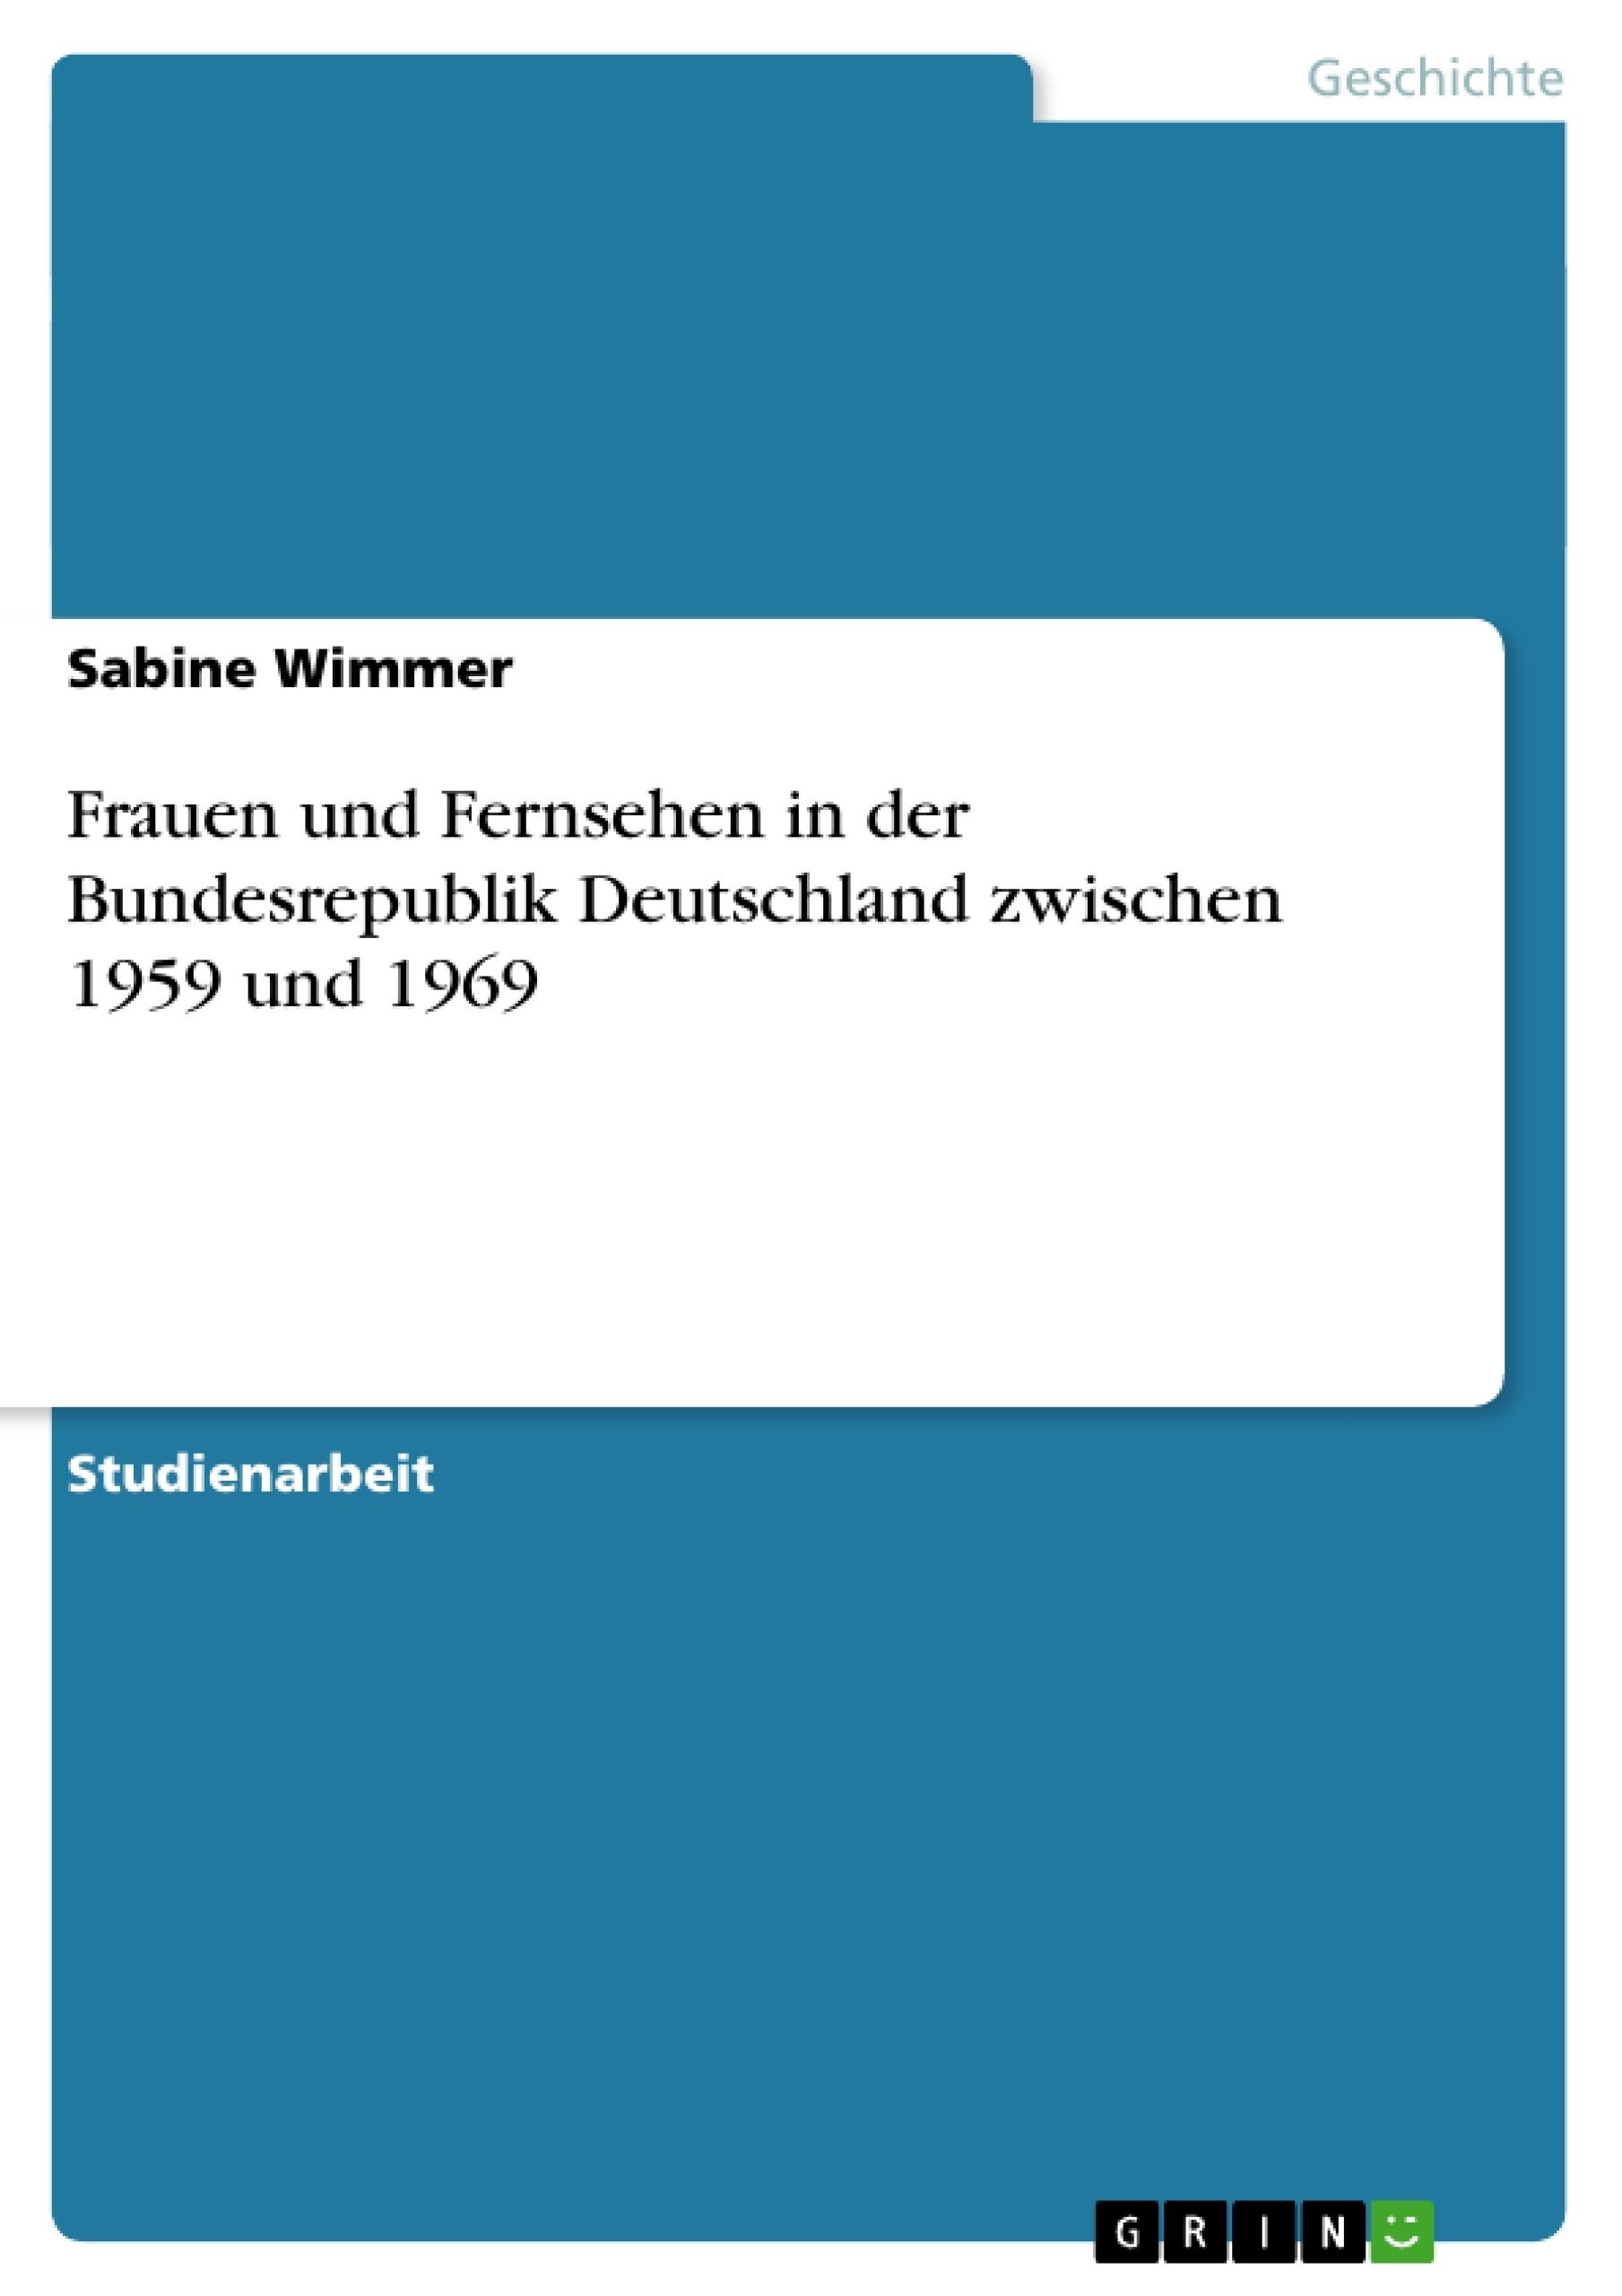 Titel: Frauen und Fernsehen in der Bundesrepublik Deutschland zwischen 1959 und 1969